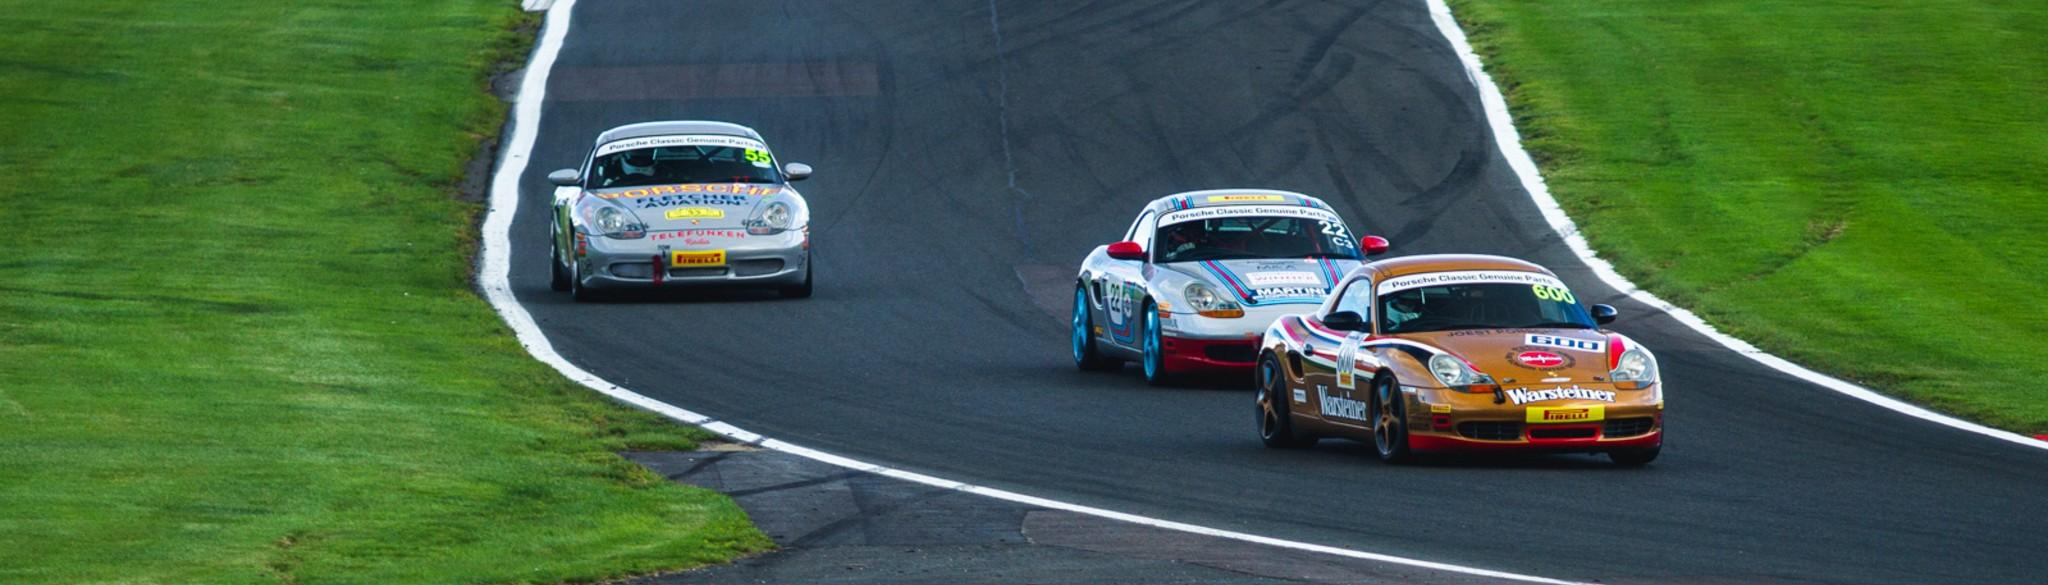 Porsche Restoracing